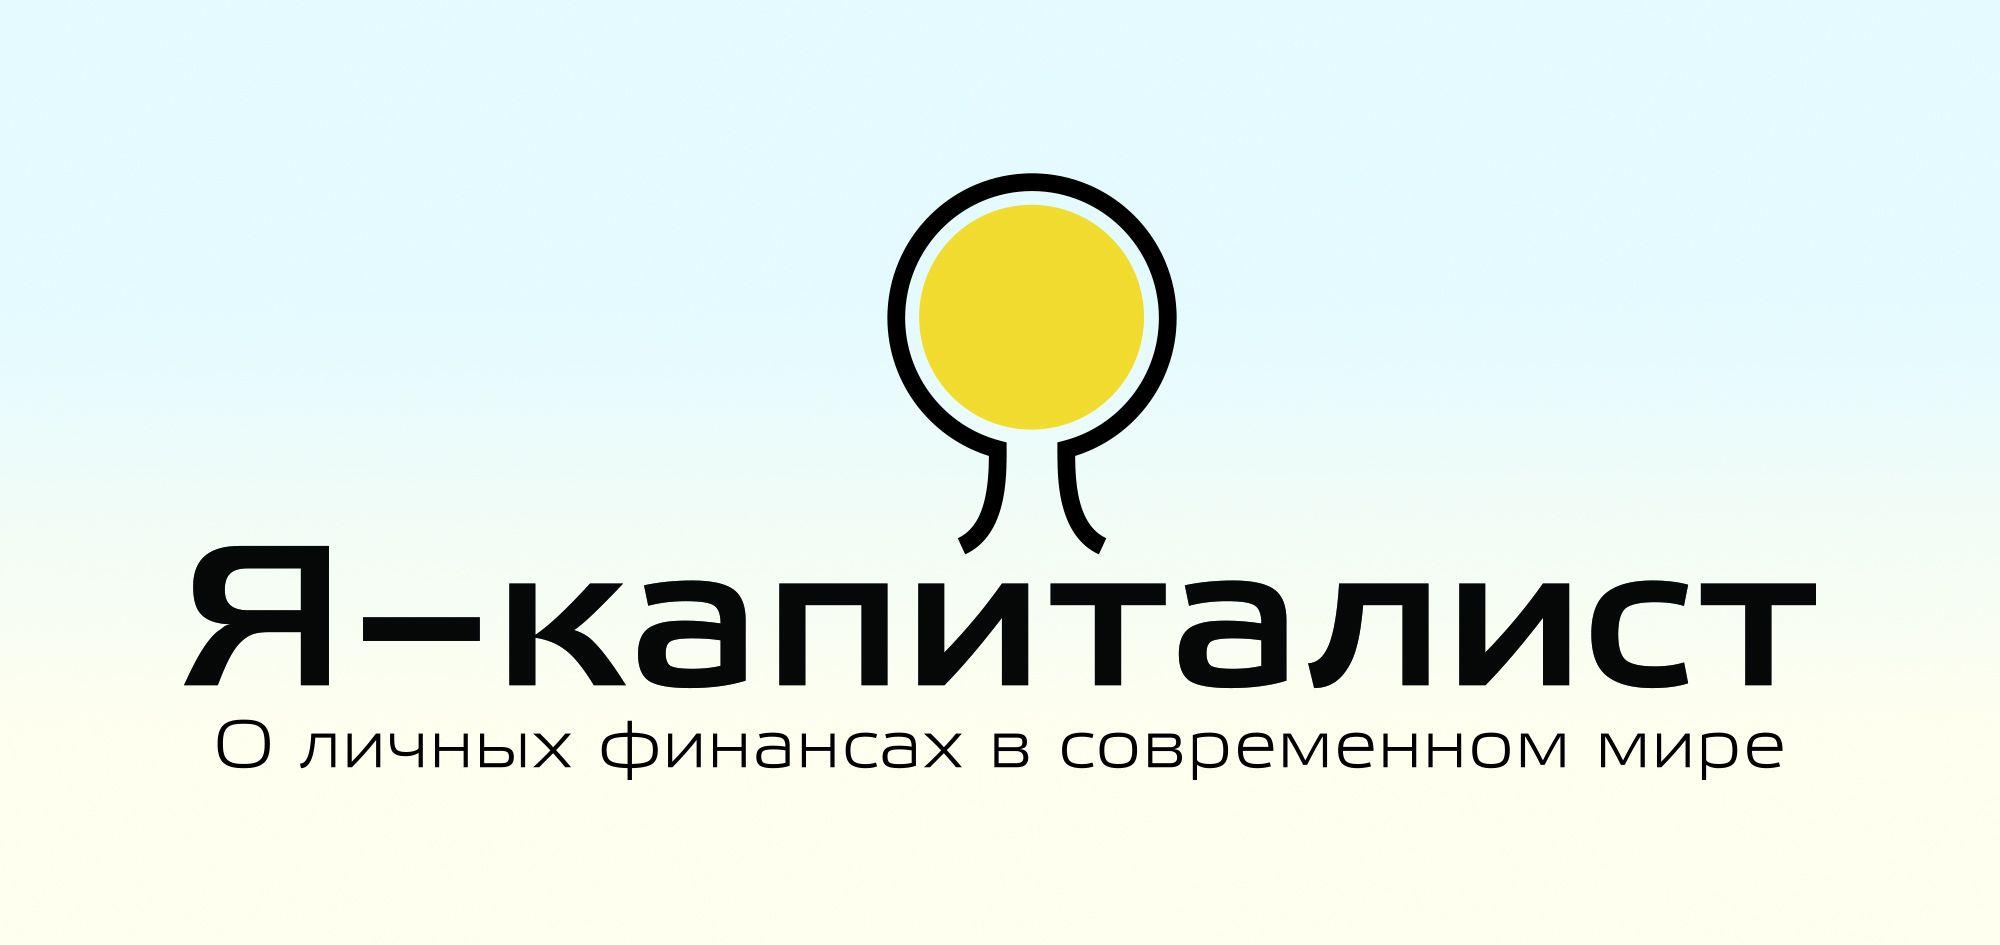 Я капиталист (лого для веб-сайта) - дизайнер Alexsander